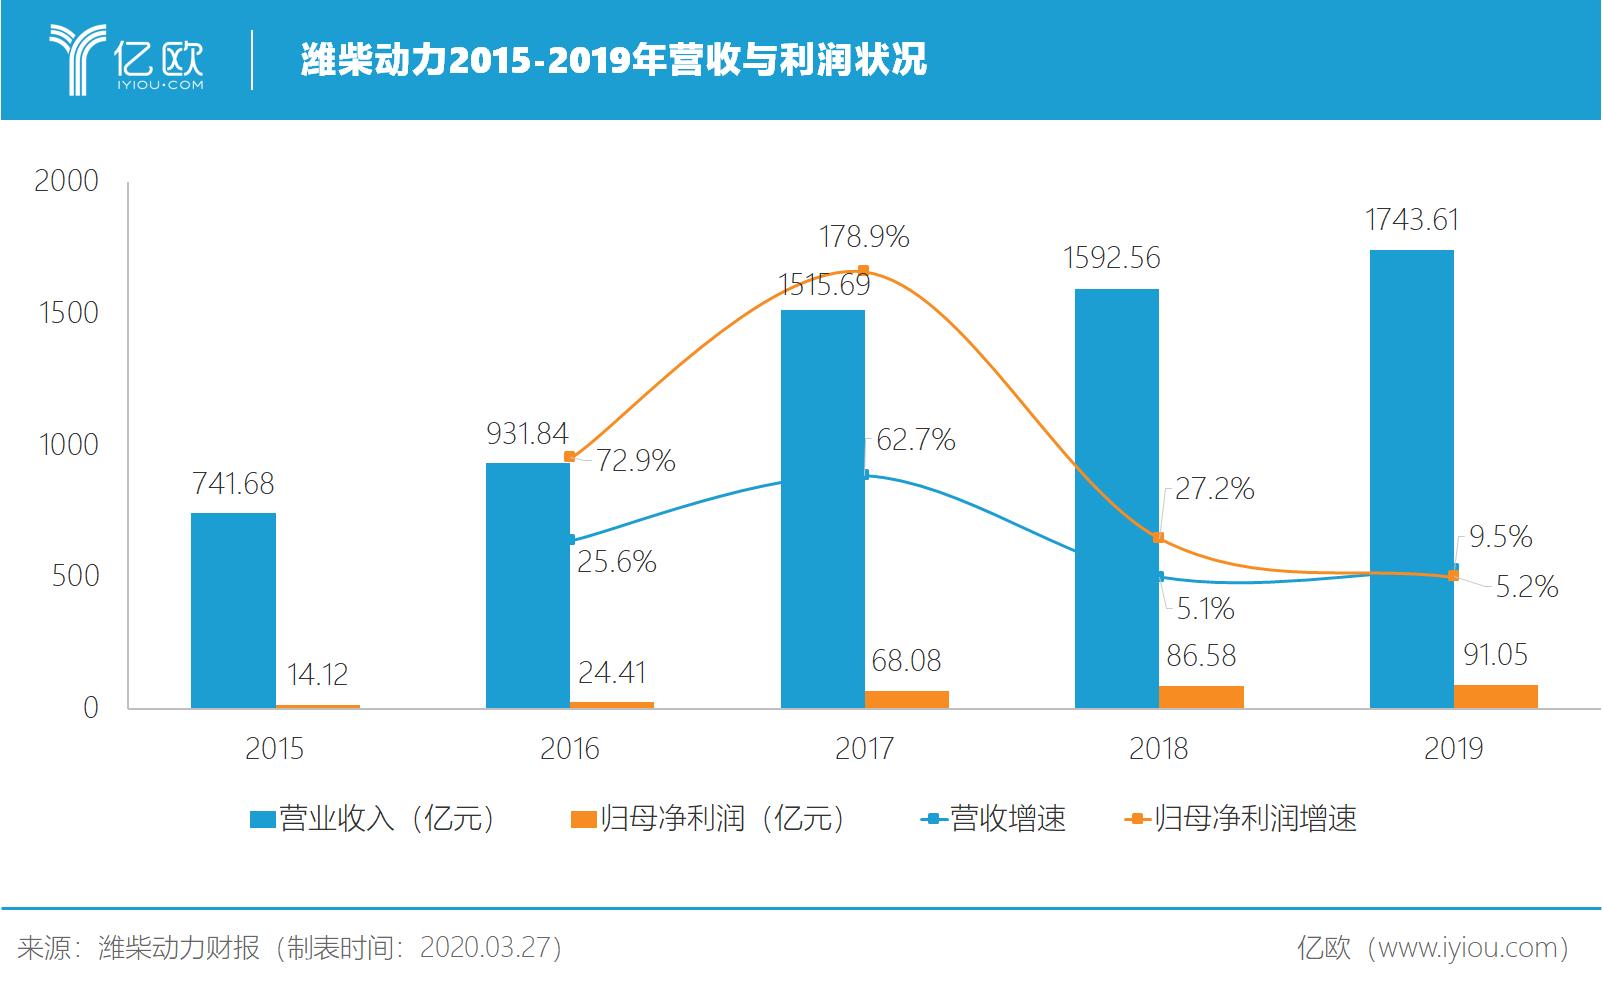 潍柴动力2015-2019年营收与利润状况